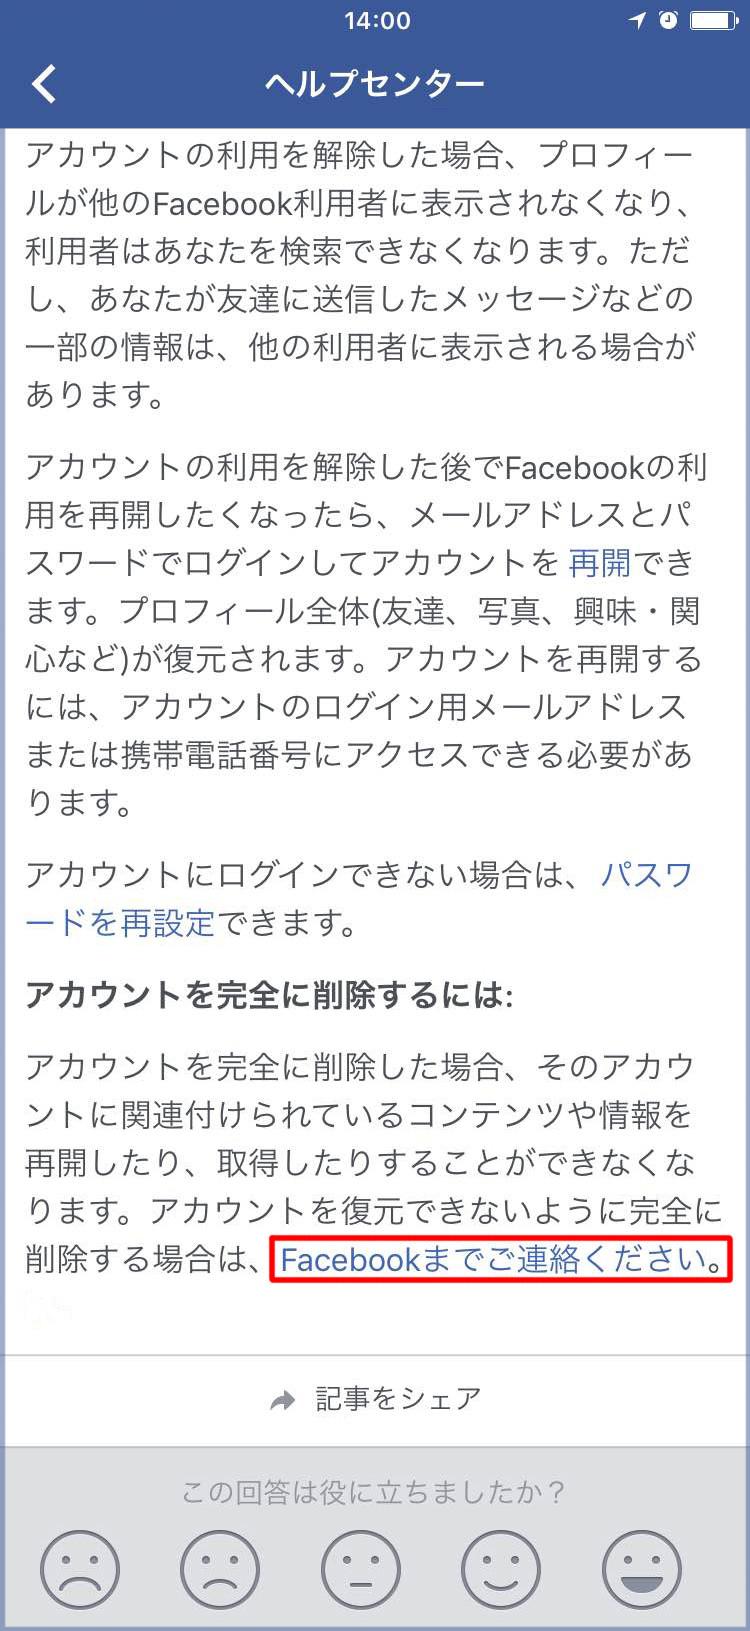 「アカウントを完全に削除するには:」という表示の中にある「Facebookまでご連絡ください」を赤枠で囲んだ画像